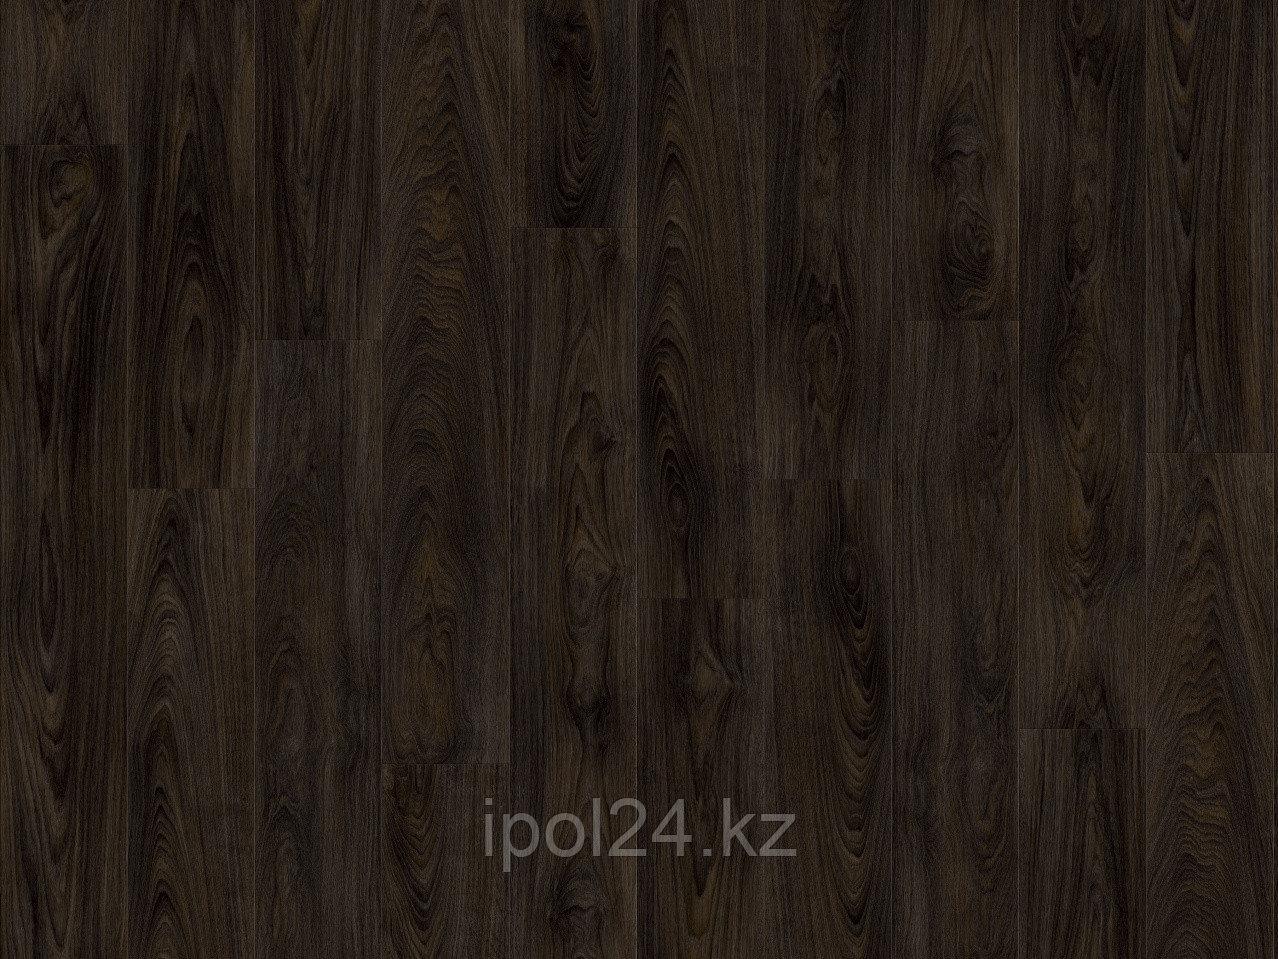 Виниловая плитка замковая Moduleo Impress LAUREL OAK 51992